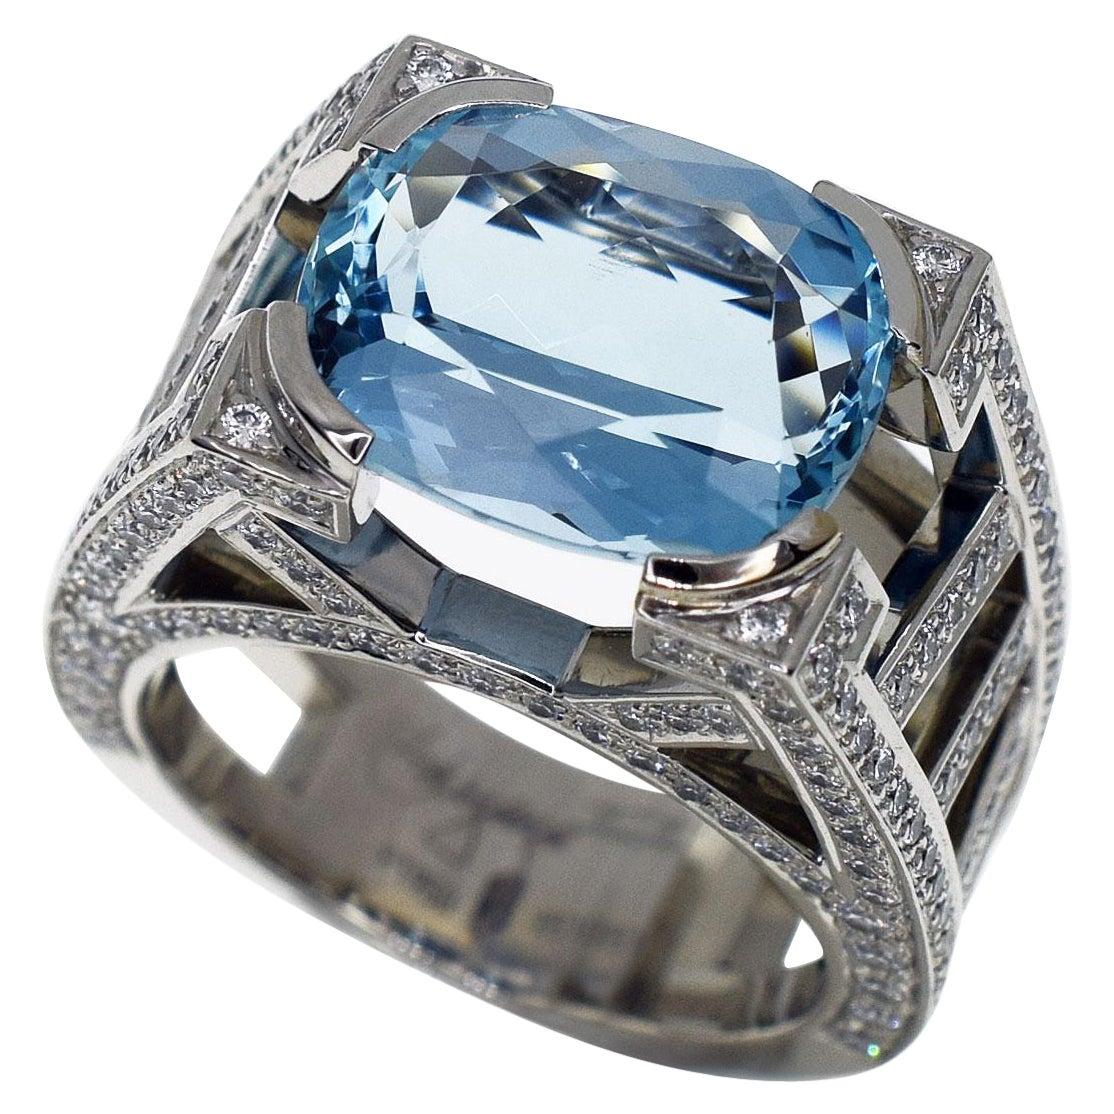 Harry Winston Aquamarine Diamonds Platinum Ring